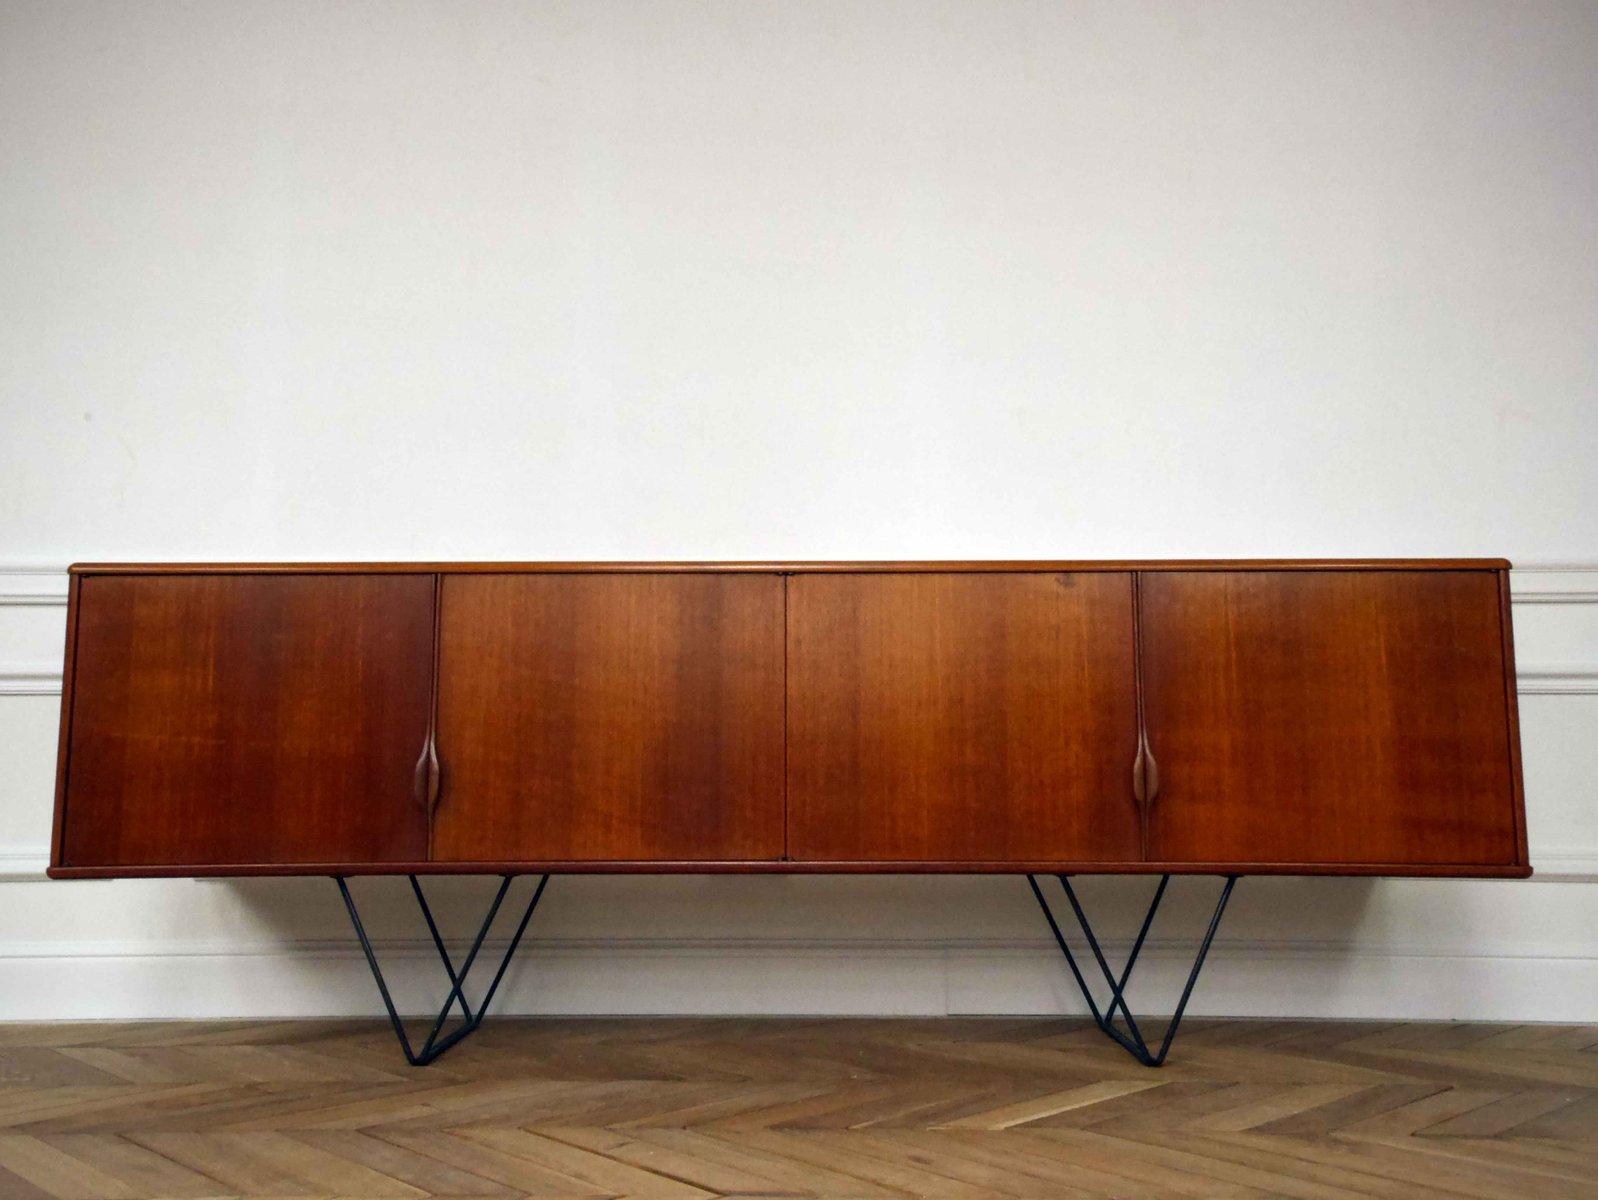 Skandinavisches vintage sideboard mit metallbeinen 1960er for Skandinavisches sideboard